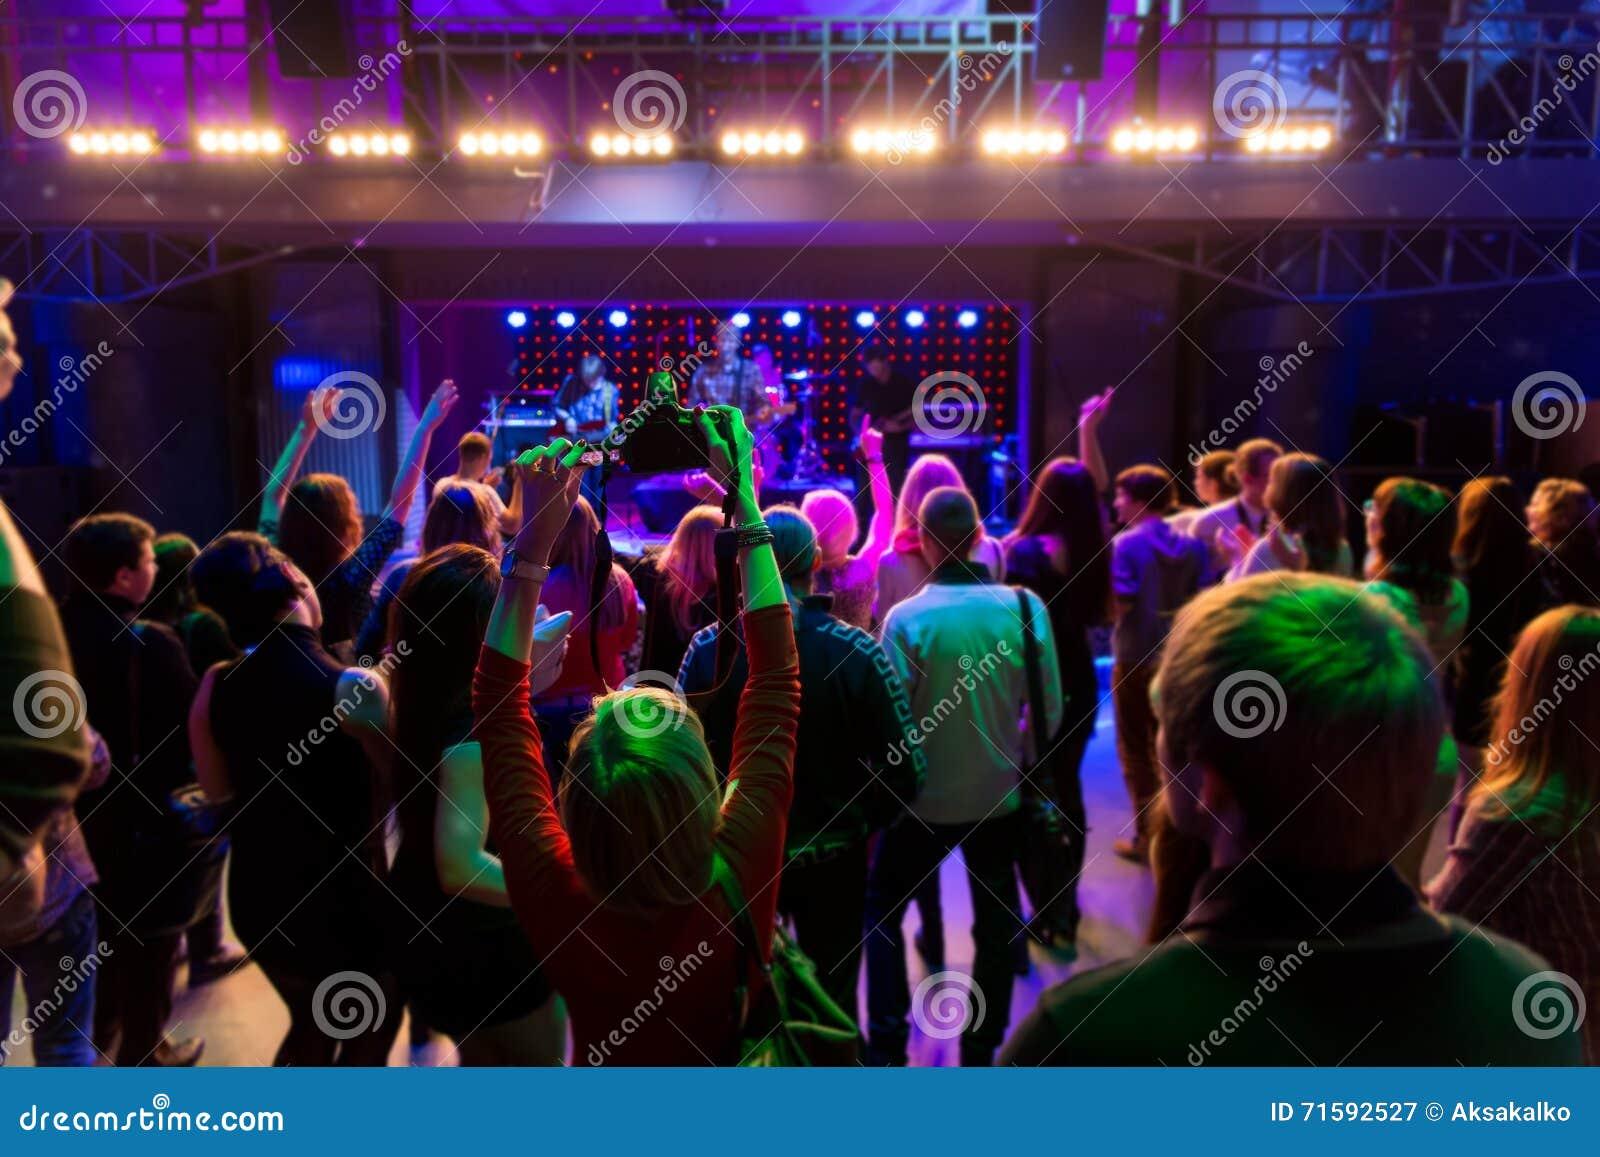 Fun girl at concert